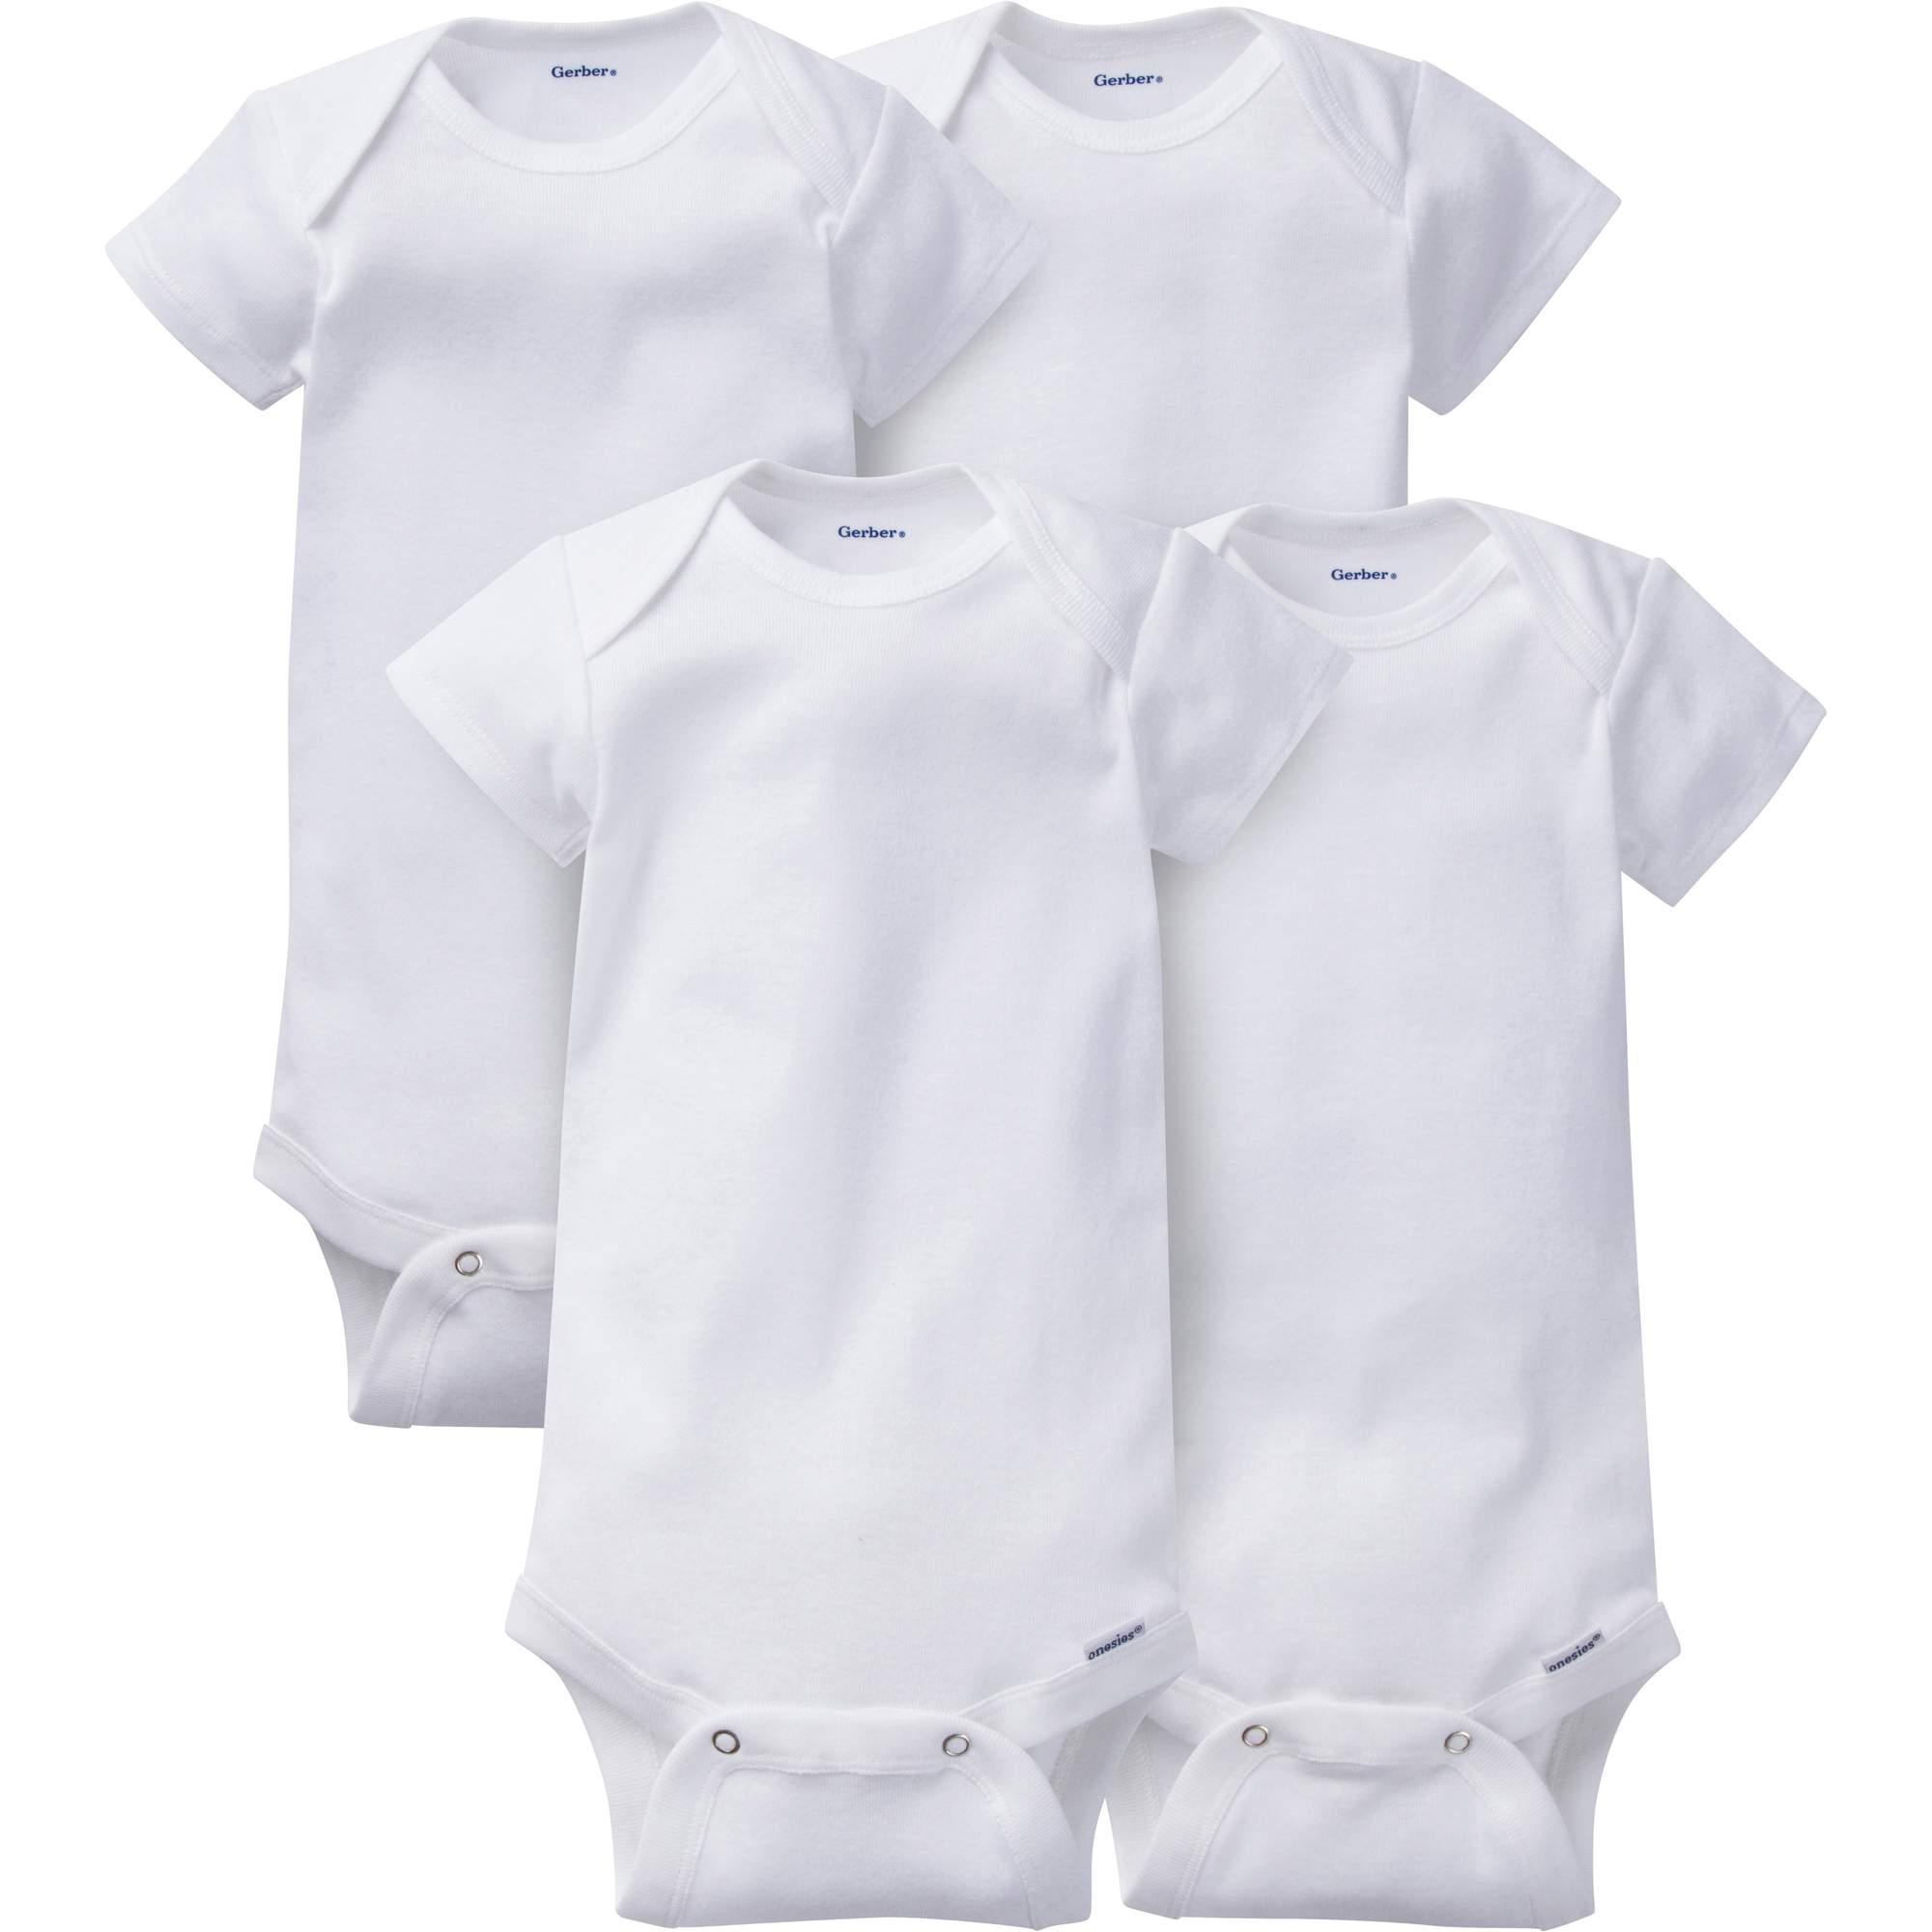 Newborn Baby Onesies Brand Organic Short Sleeve Bodysuits, 4-pack